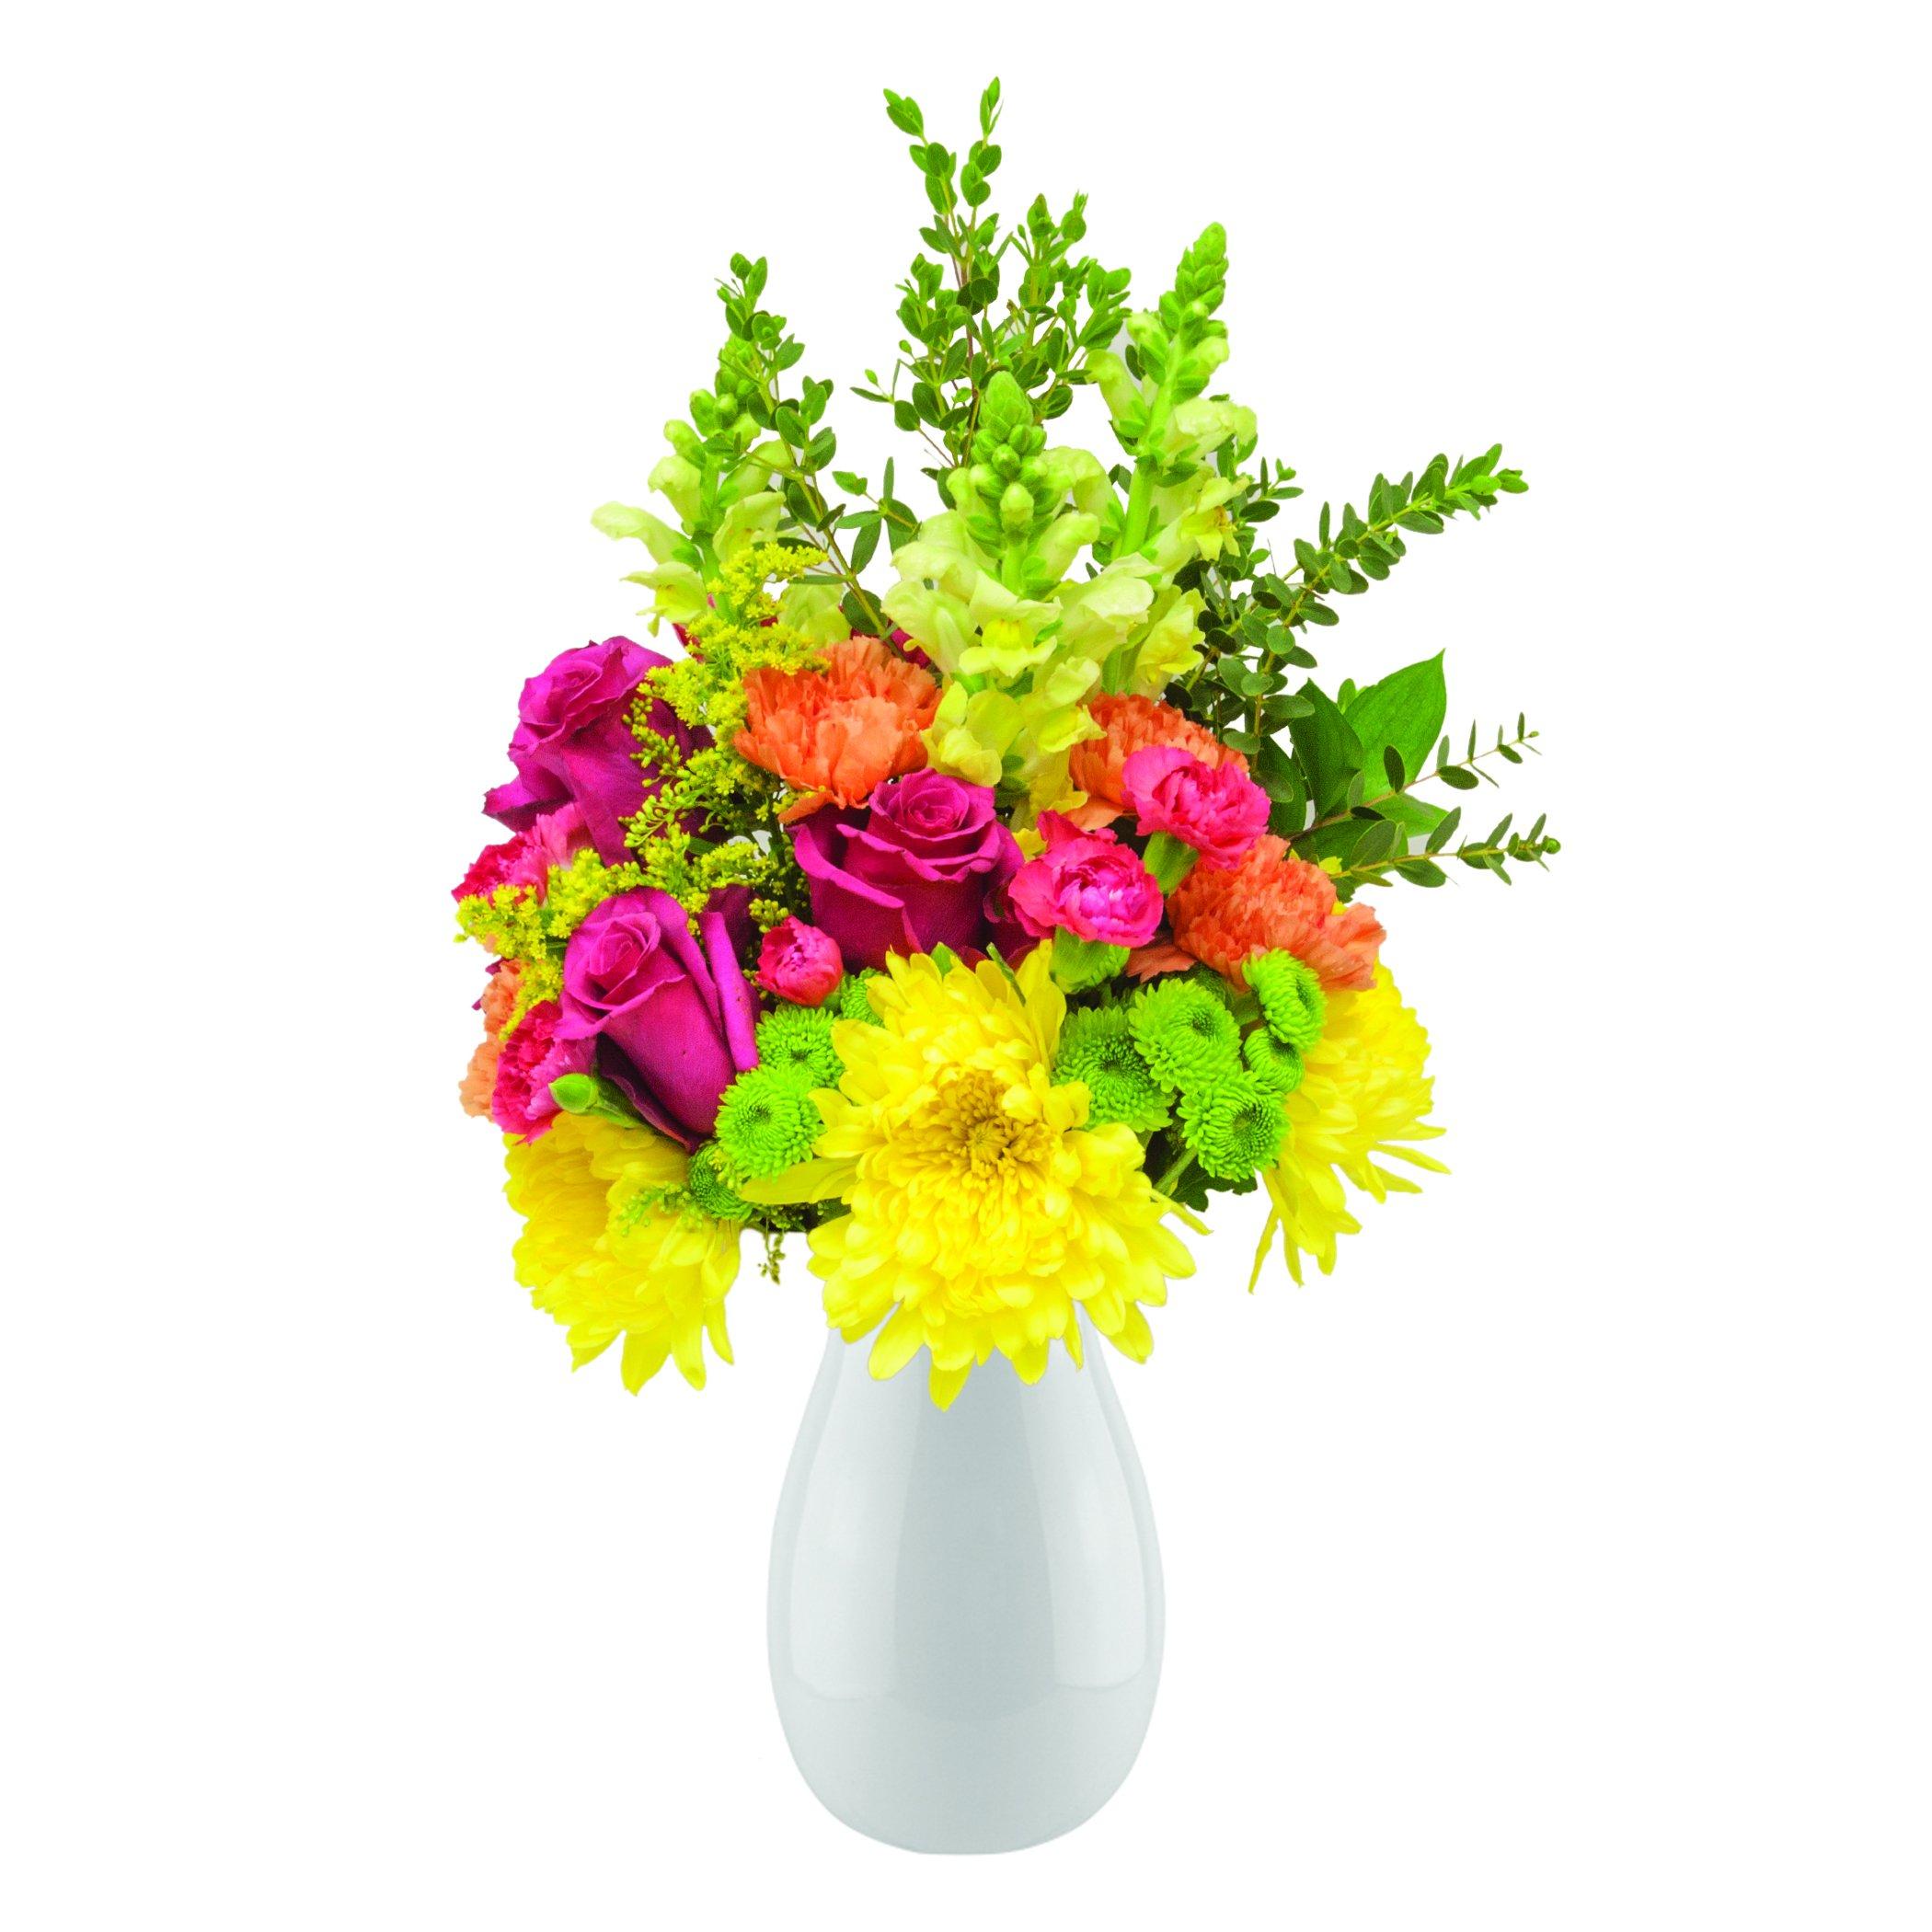 Vistaflor - Summer Floral Vase Arrangement by eFlowy